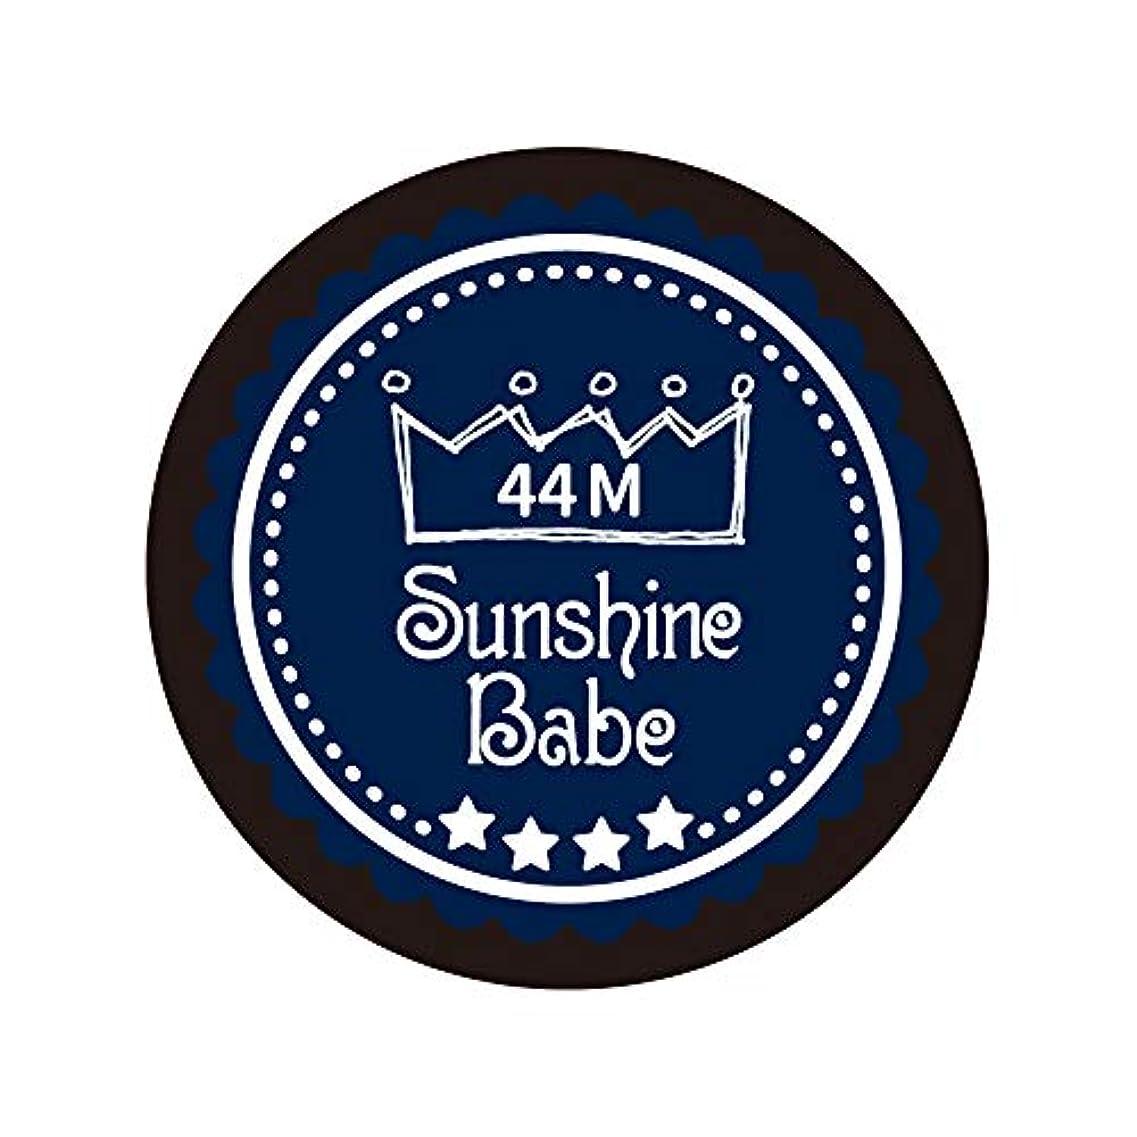 キャンディーギャロップ判読できないSunshine Babe カラージェル 44M クラシックネイビー 2.7g UV/LED対応